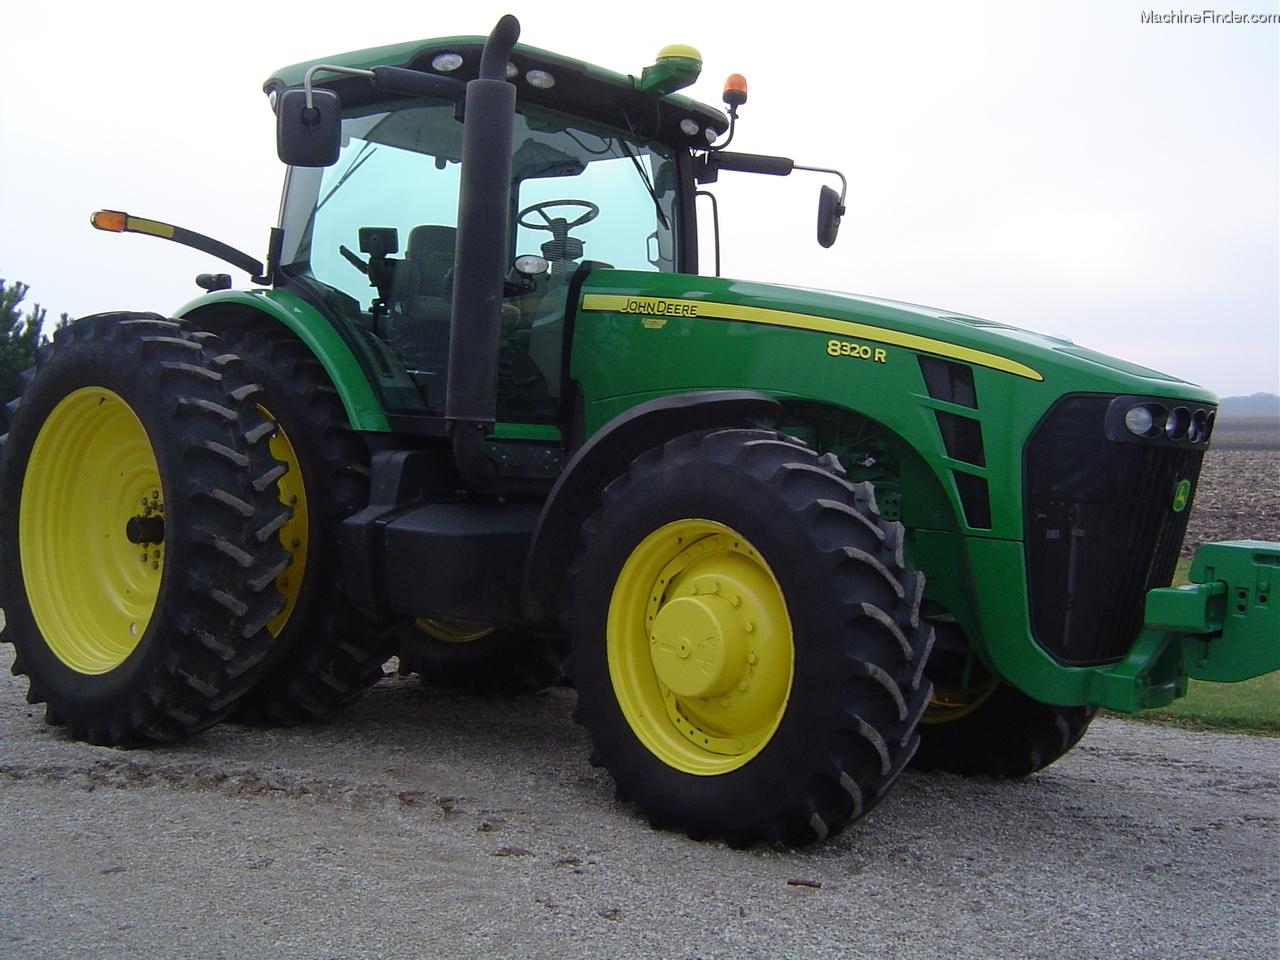 2009 John Deere 8320R Tractors - Row Crop (+100hp) - John ...